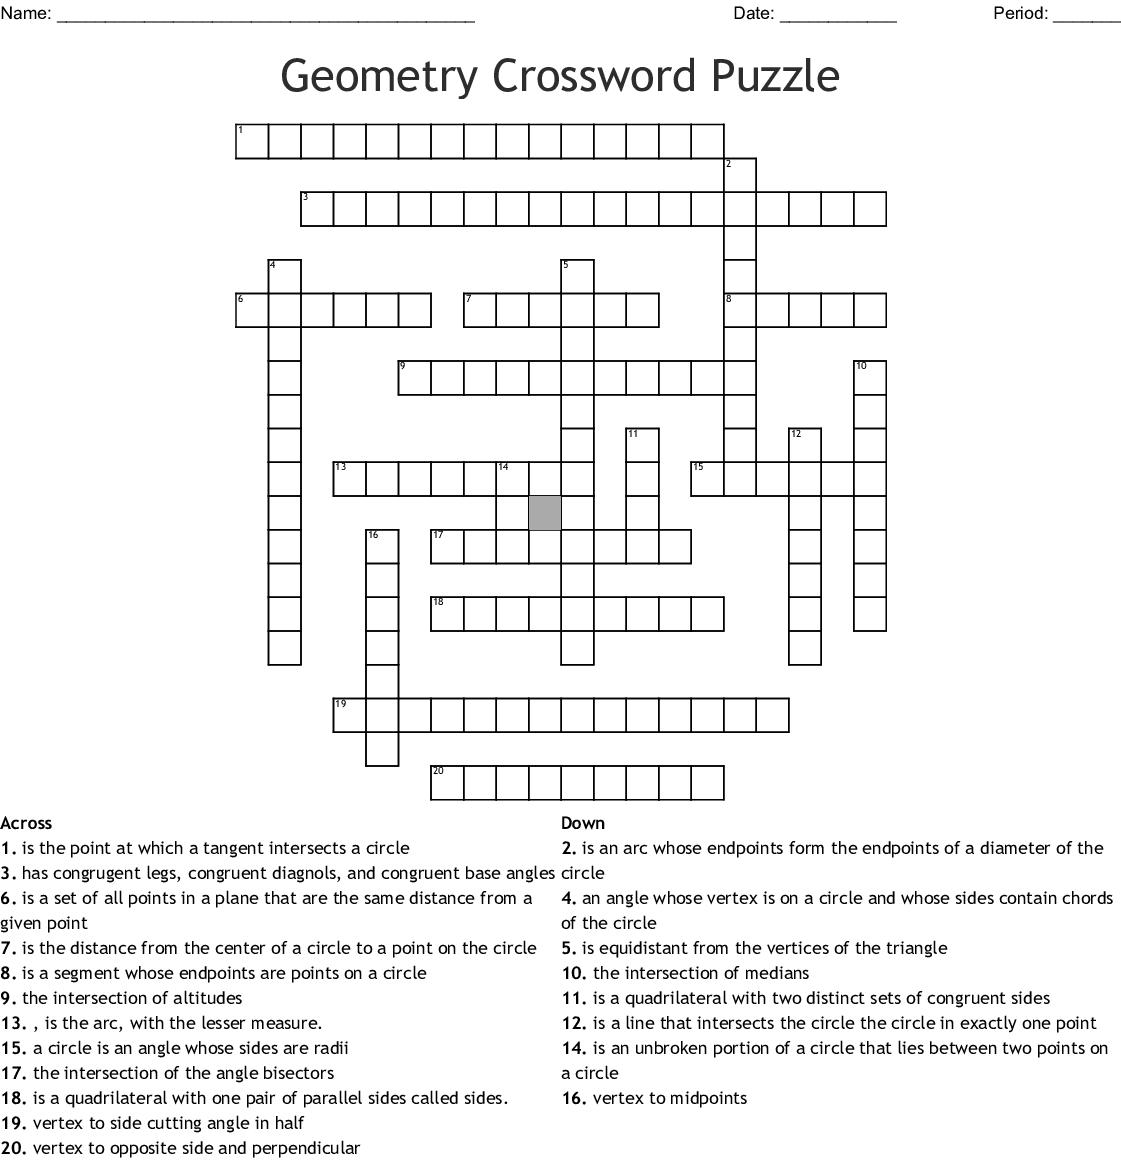 Geometry Crossword! - WordMint